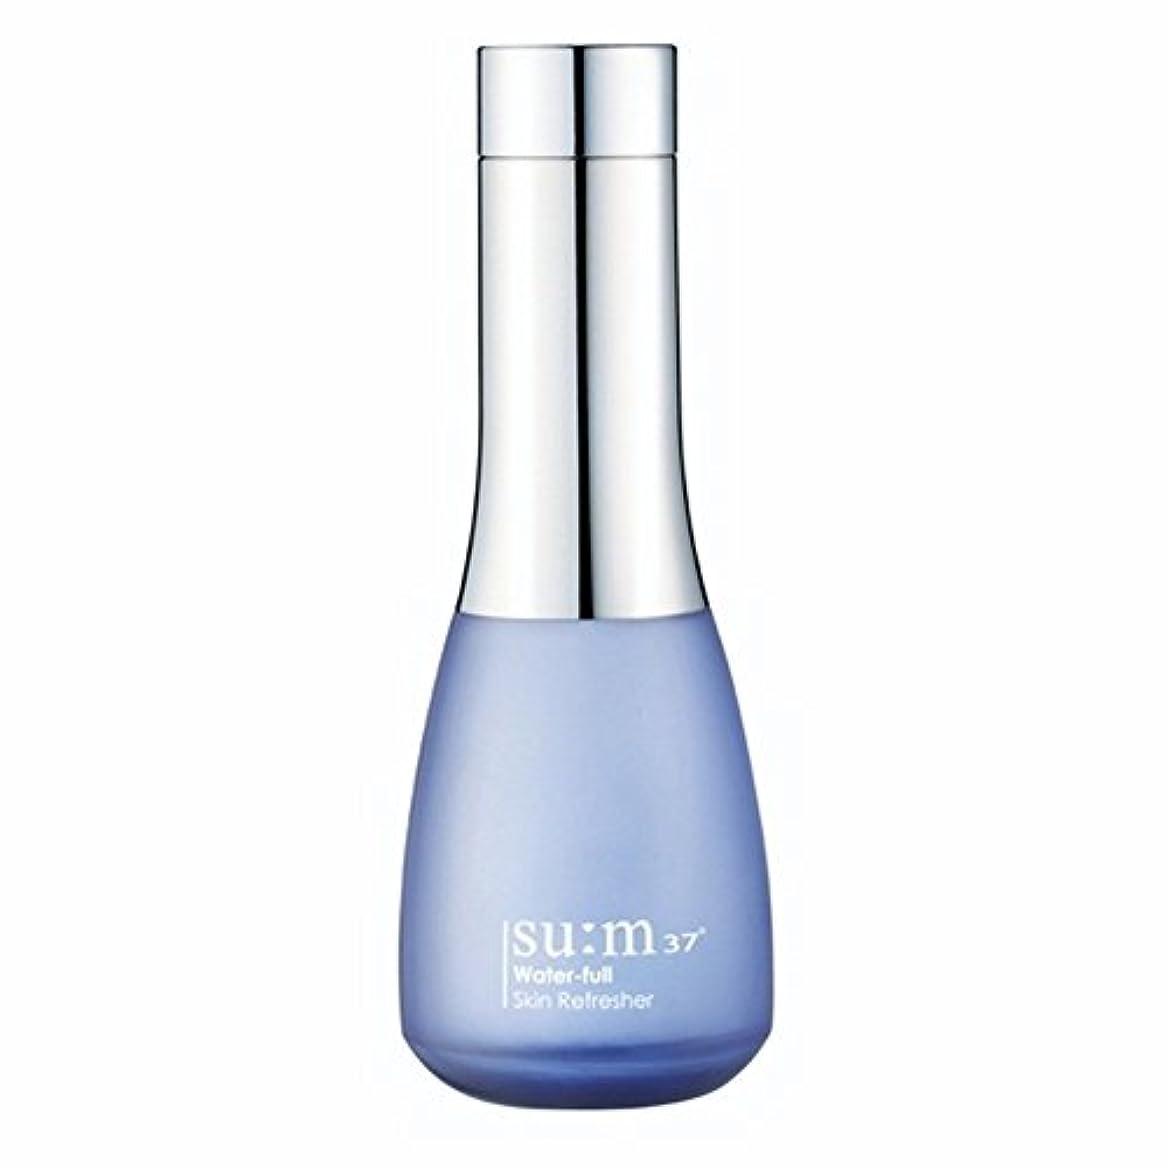 バンケット単に十分に[su:m37/スム37°] SUM37 Water-full Skin Refresher 170ml(並行輸入品)